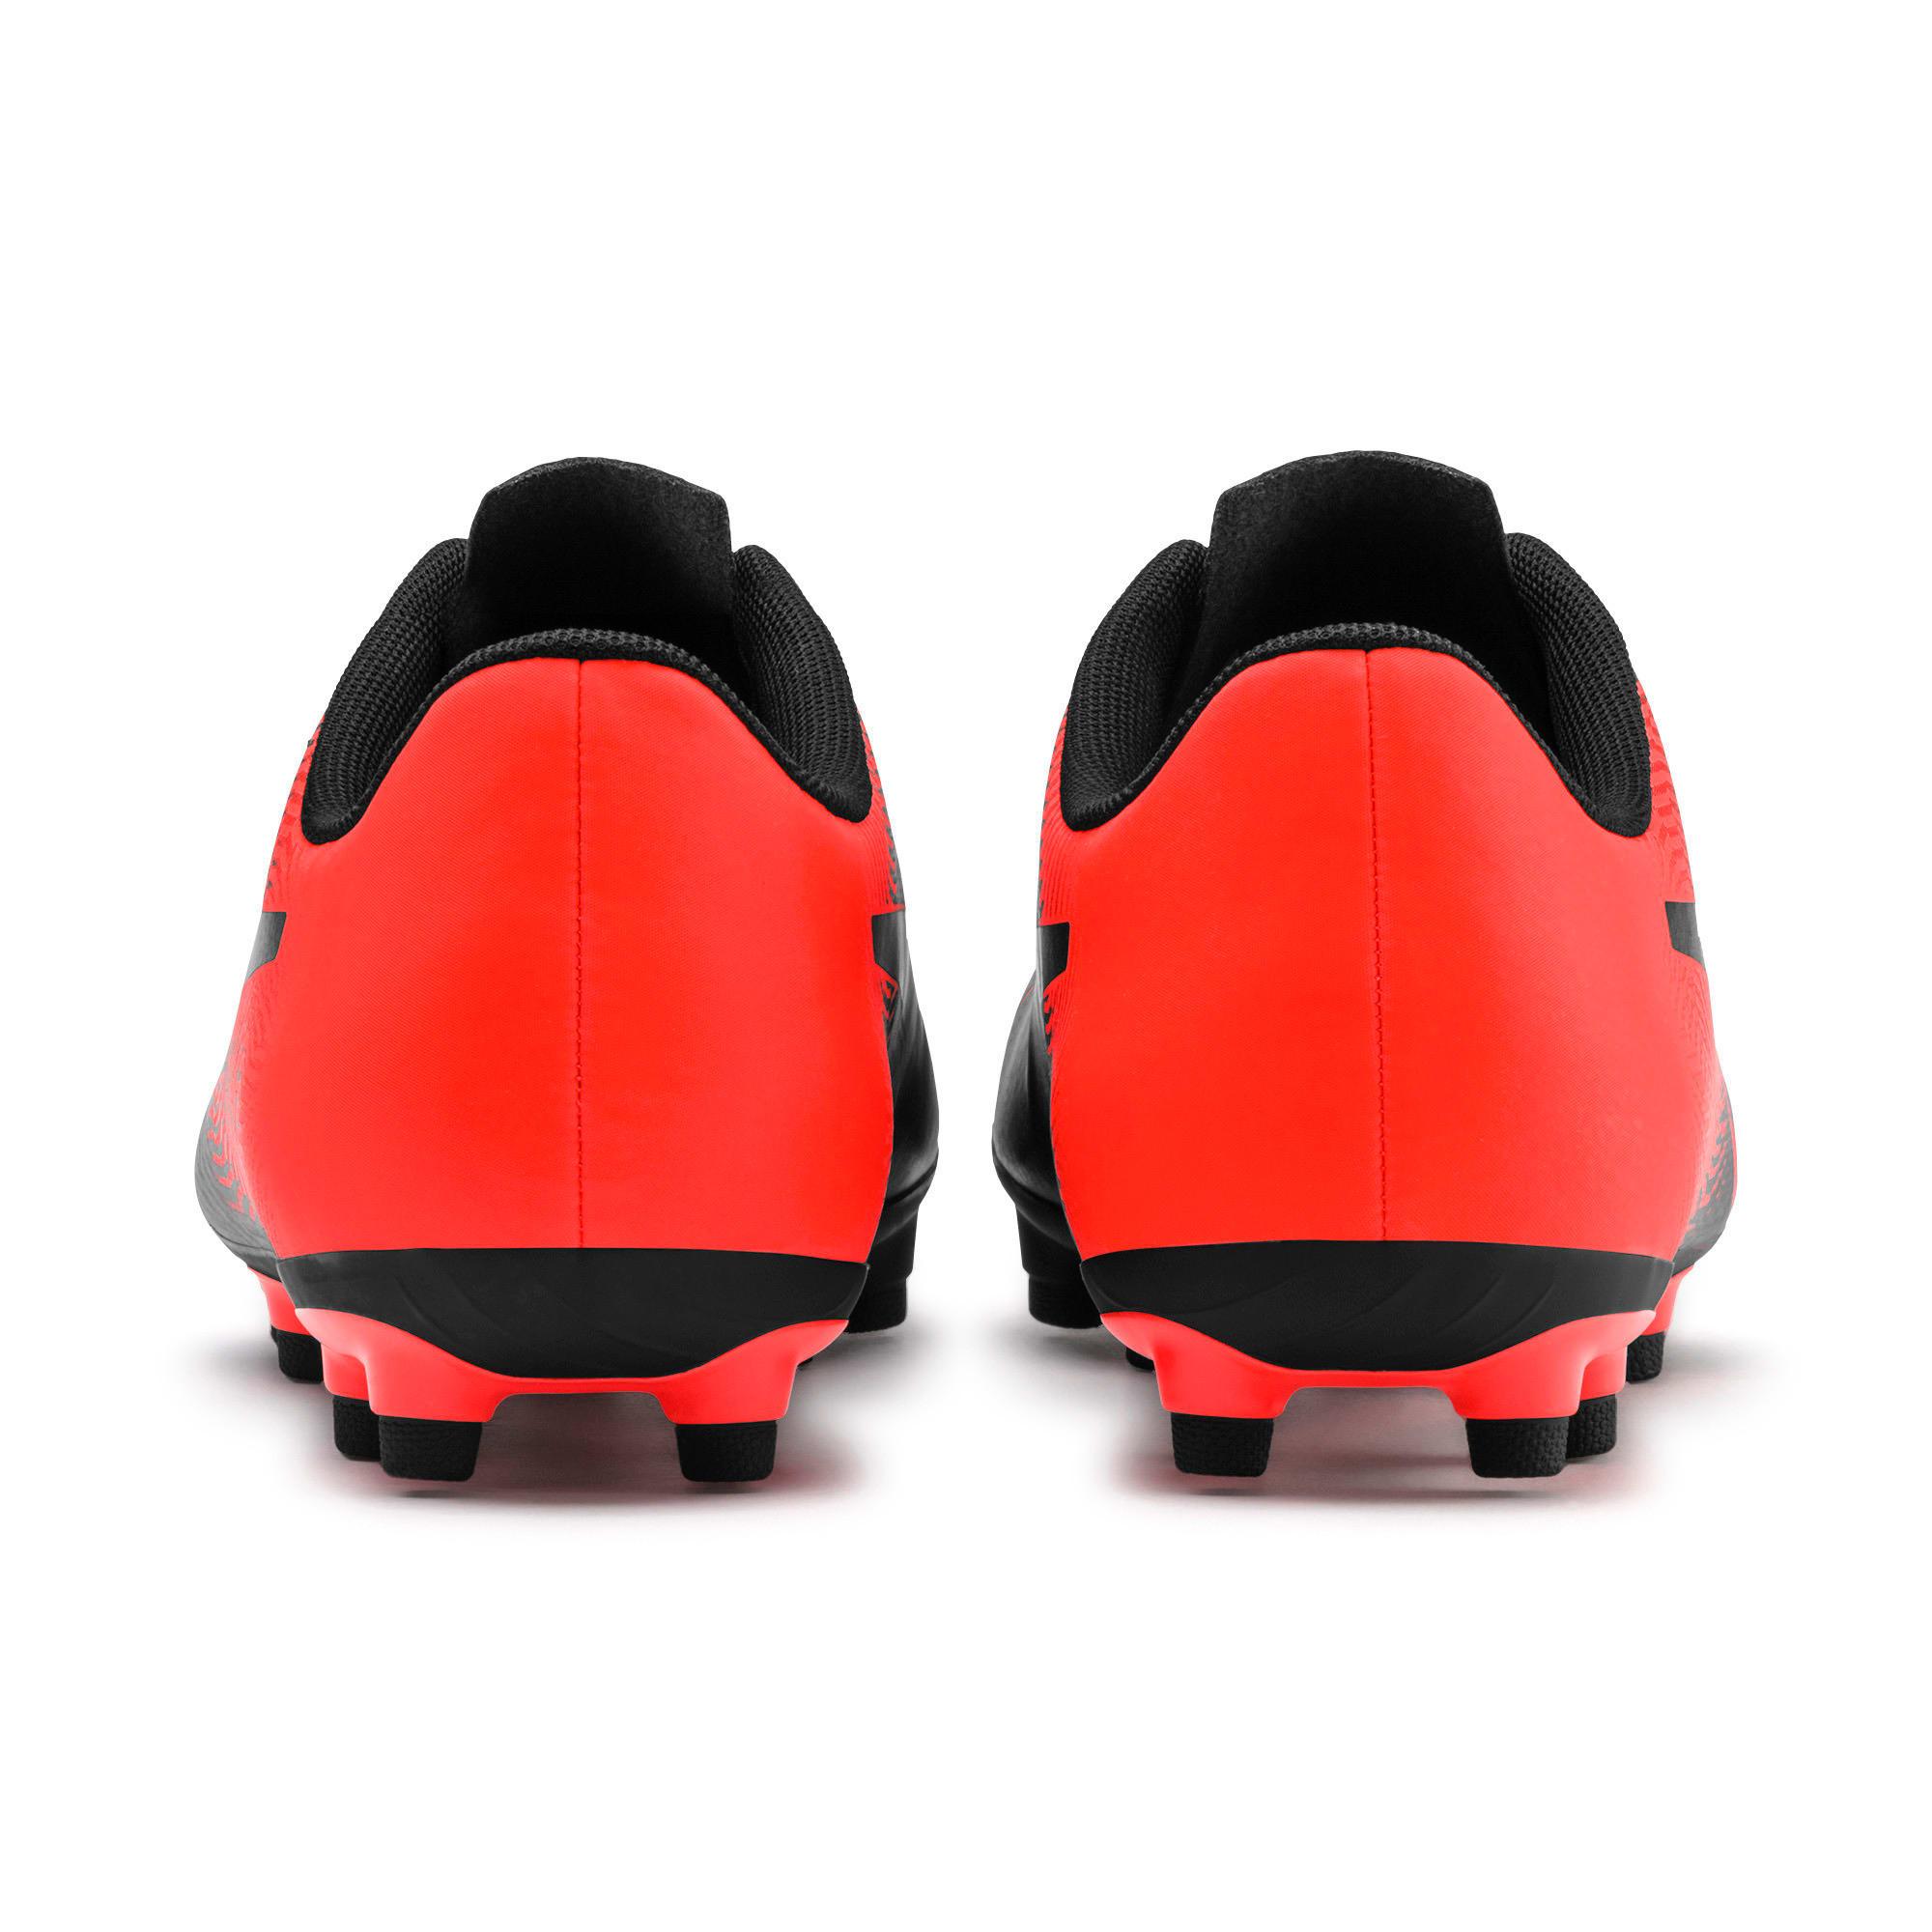 Miniatura 4 de Botines de fútbol PUMA Spirit II FG para hombre, Puma Black-Nrgy Red, mediano